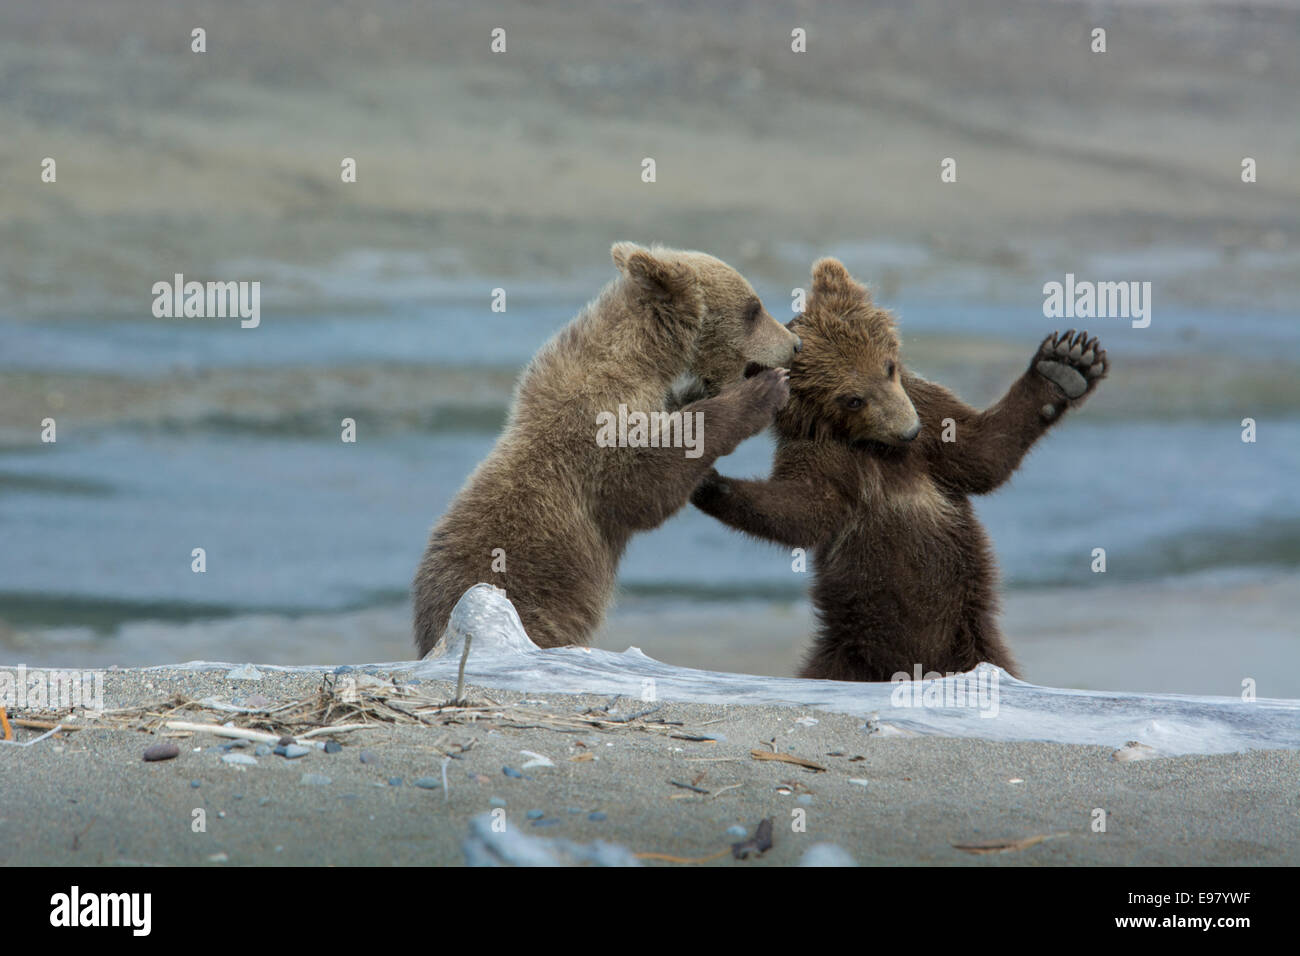 Deux Printemps de l'ours grizzli (Ursus arctos), Cubs, jouer, avec l'apparition de whispering a secret, Photo Stock